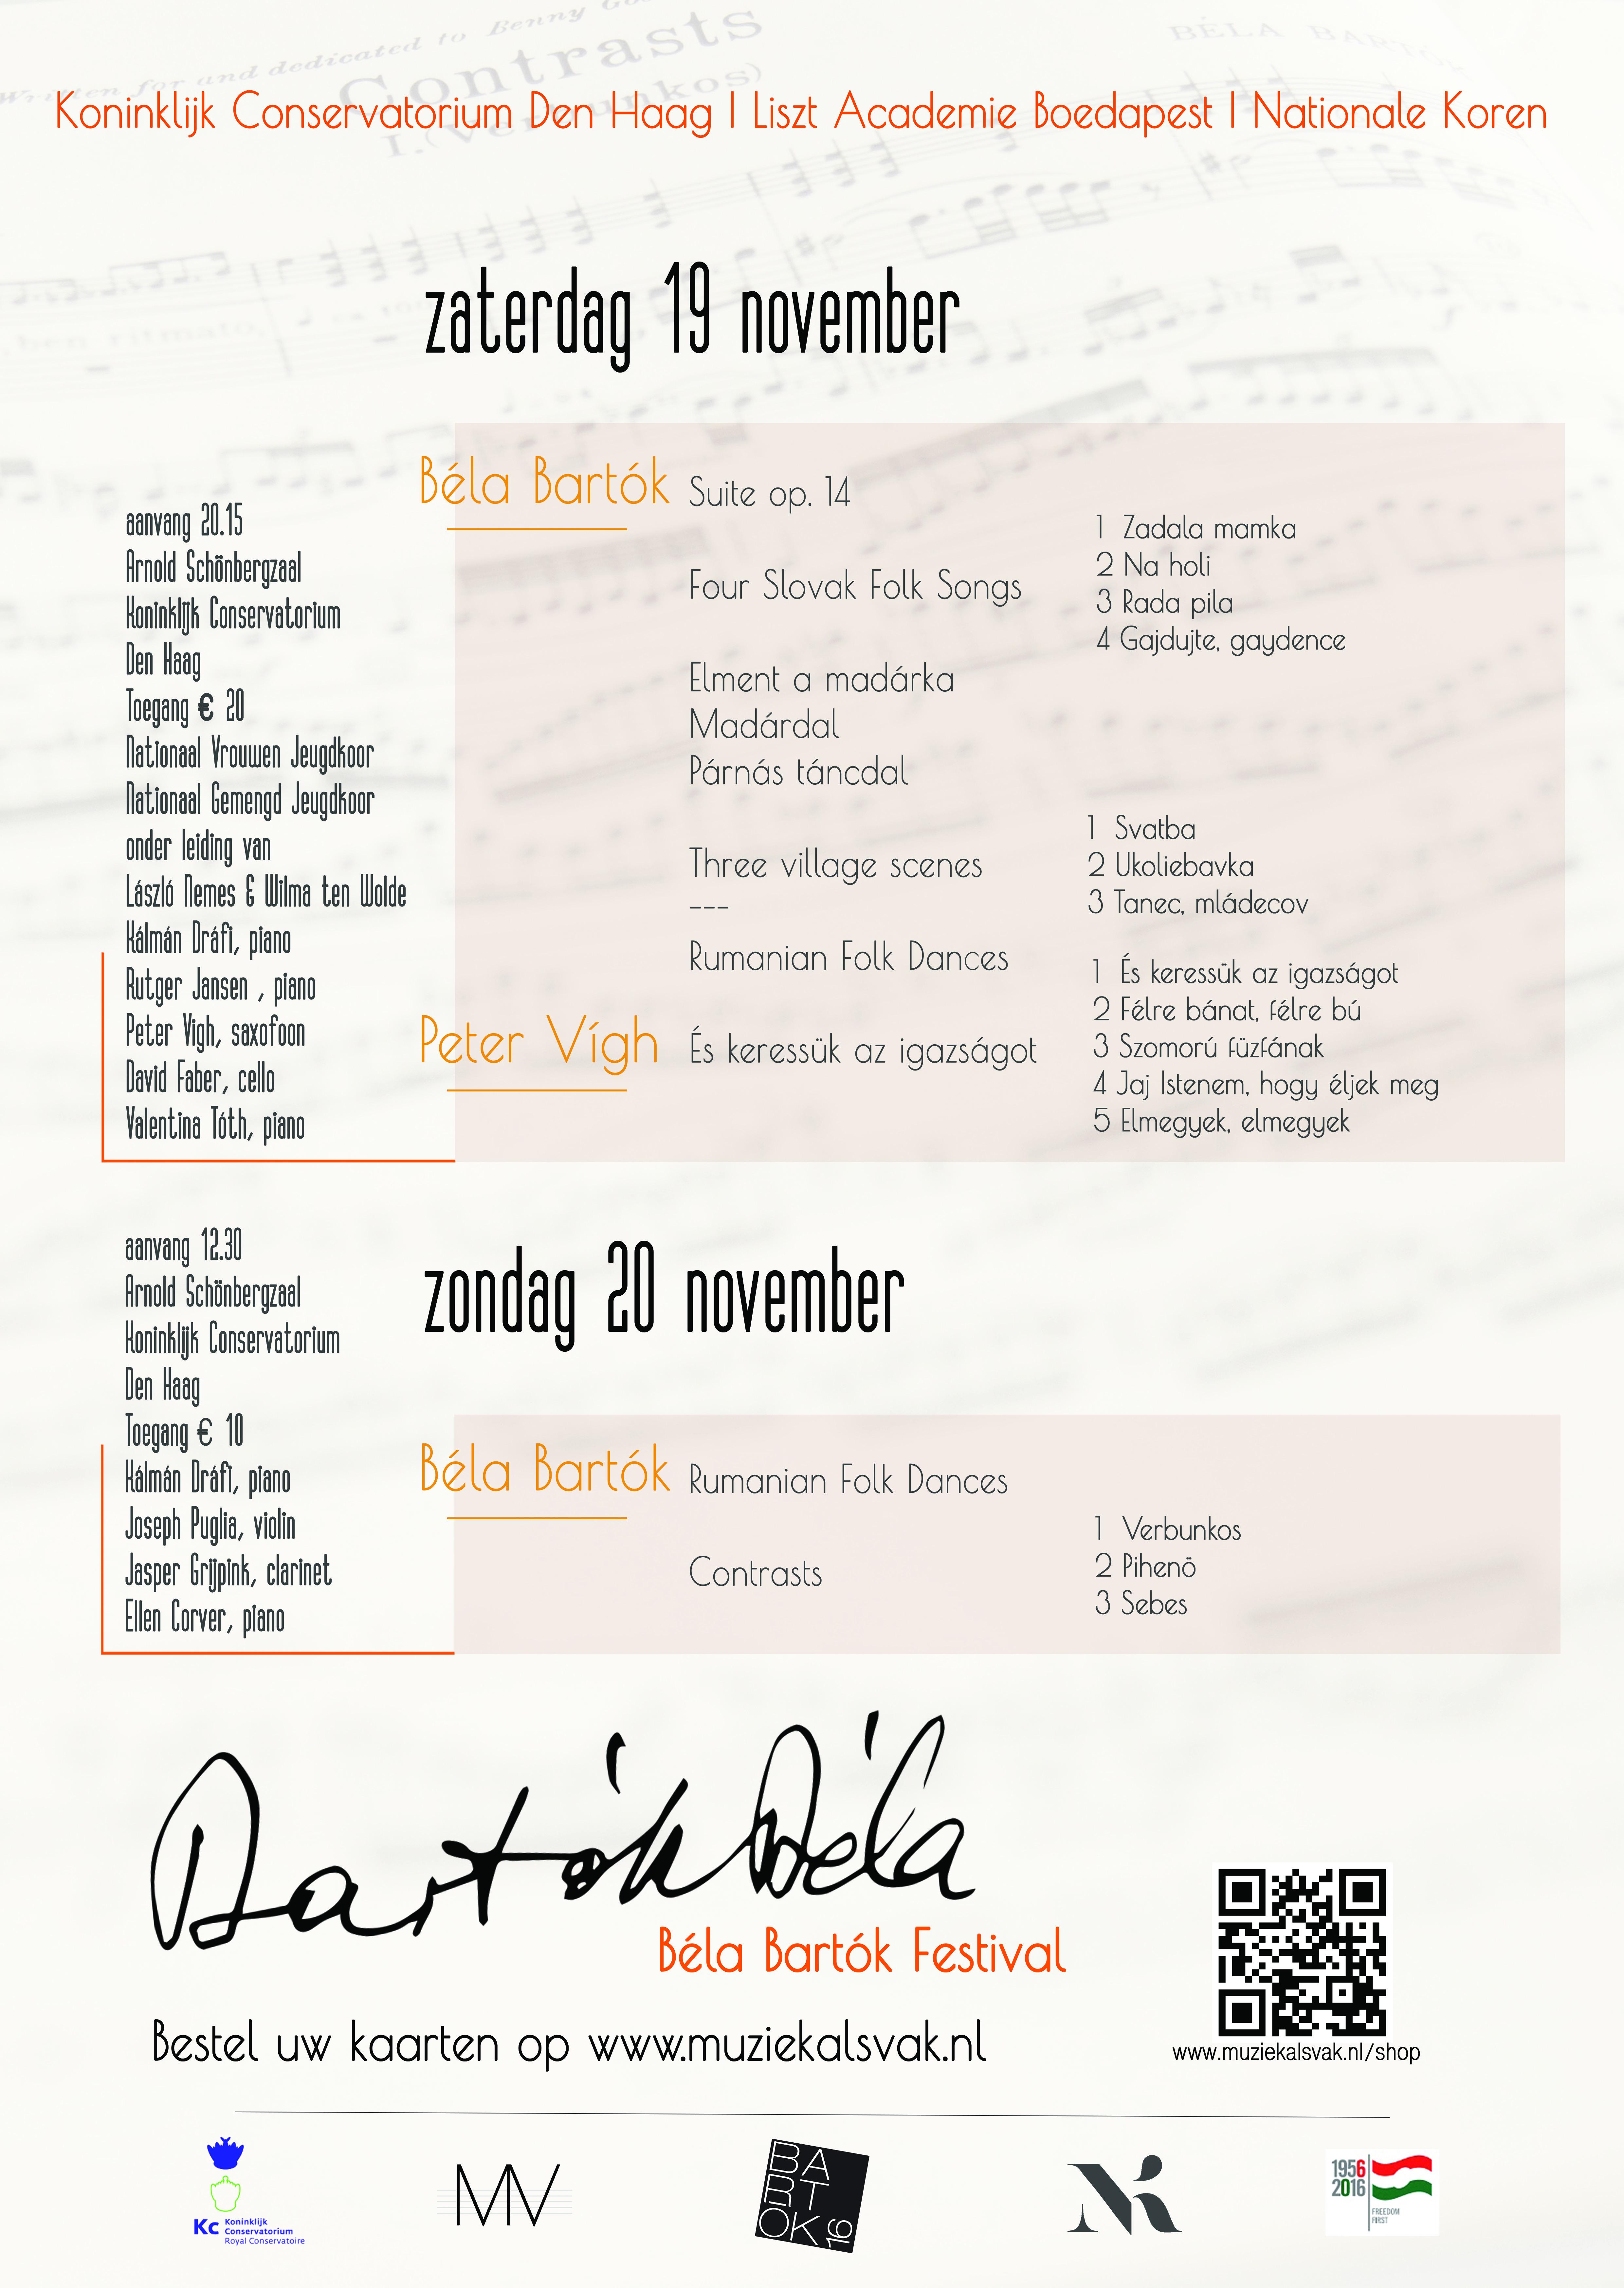 poster-bartok-festival-achter-web-groot